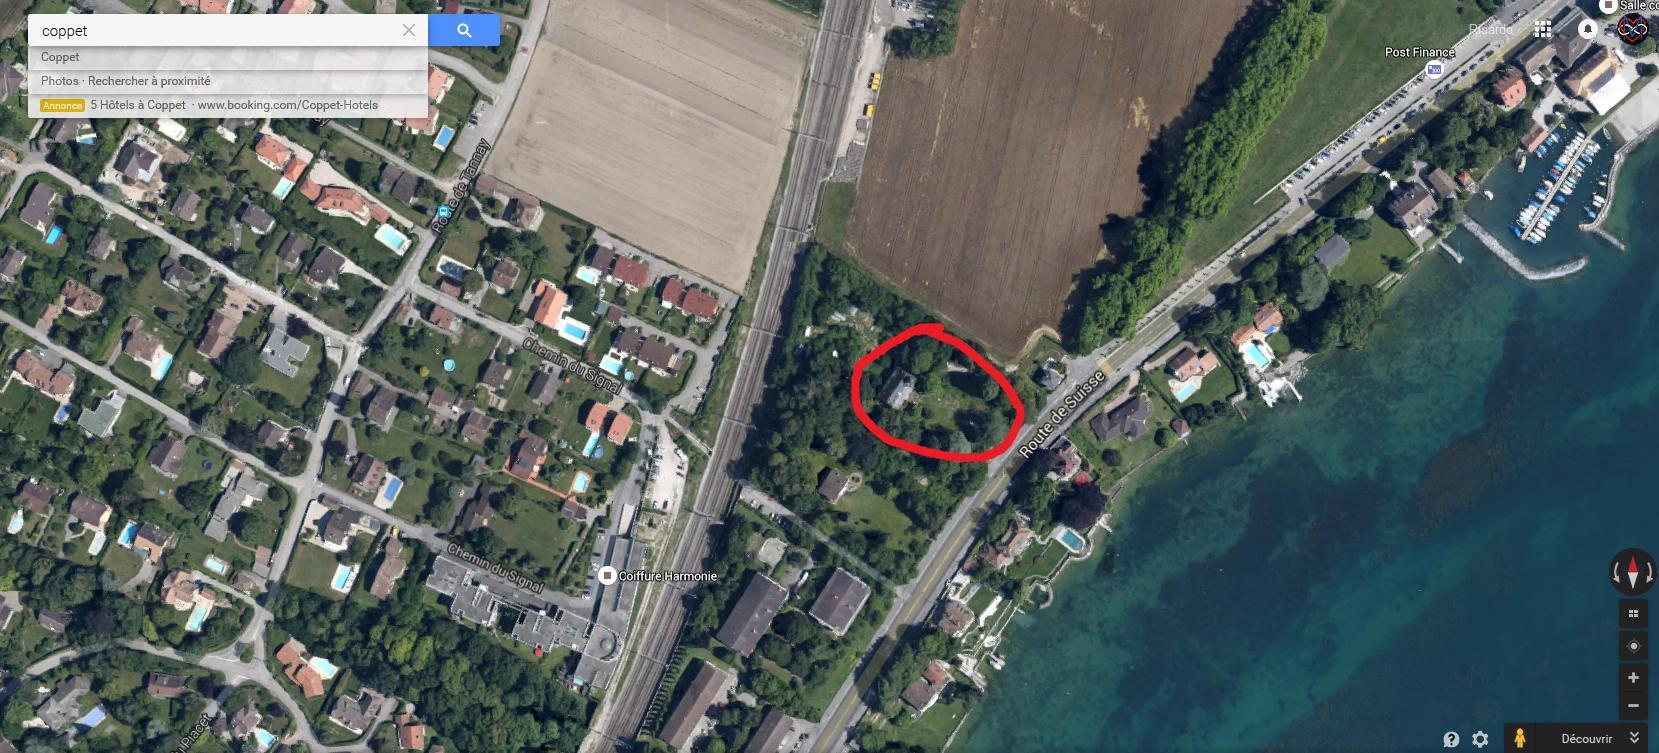 Batiments et lieux abandonn suisse et france voisine sur for Acheter maison france voisine geneve